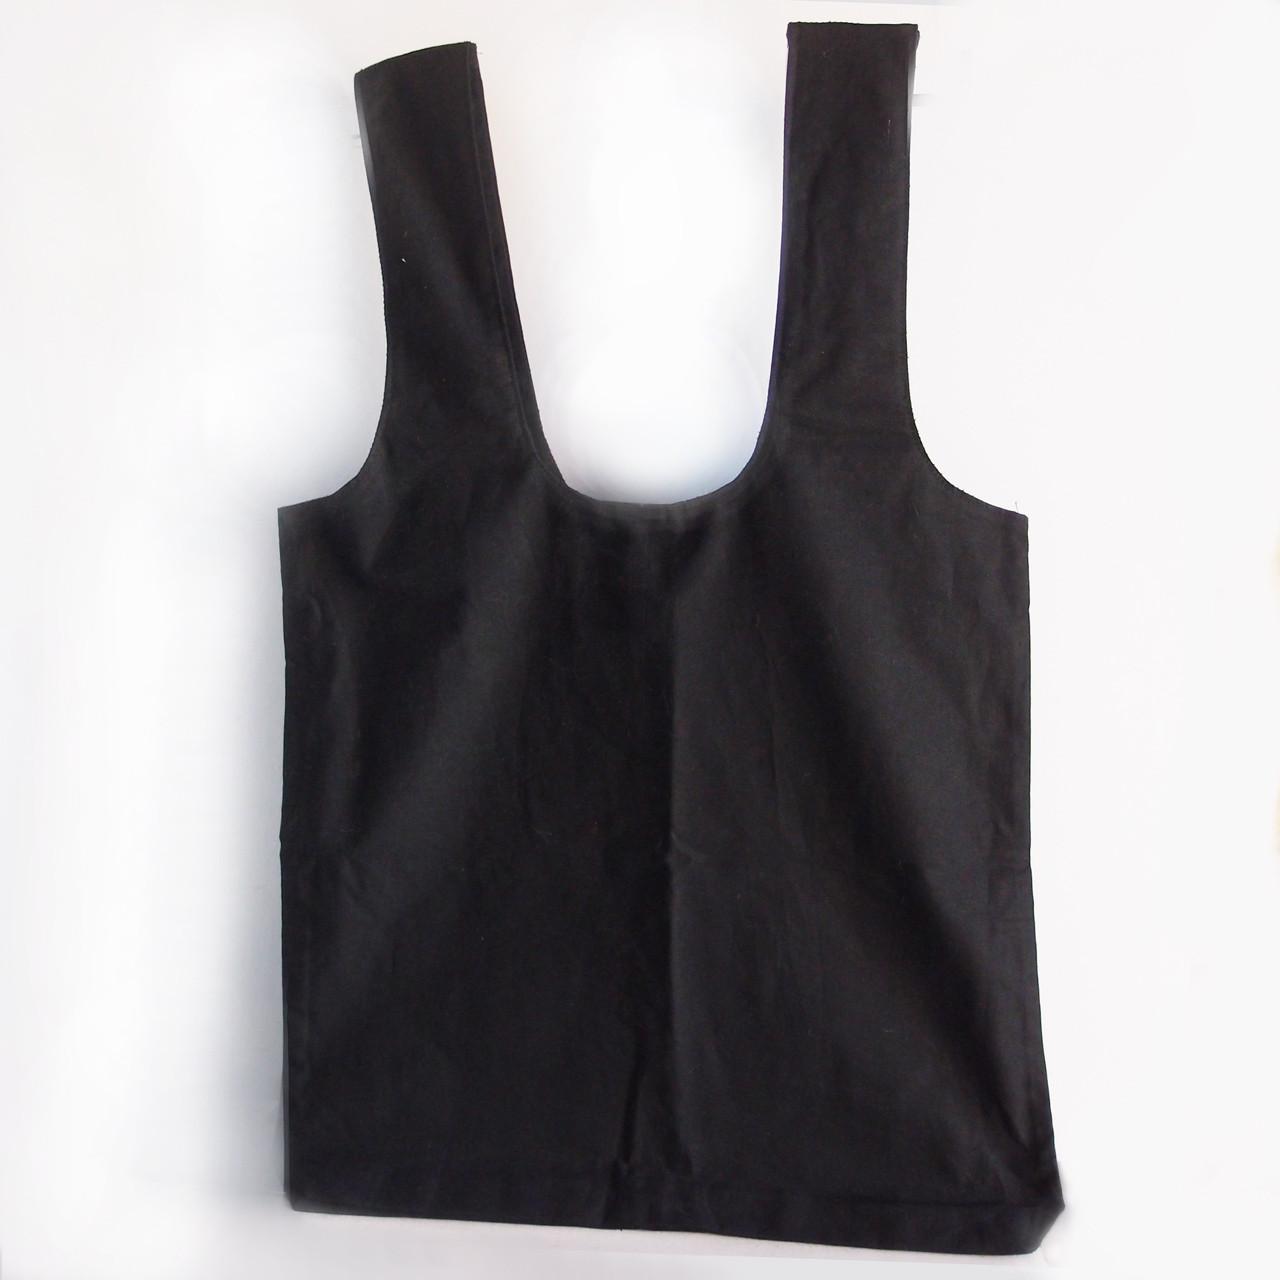 """Black Cotton Tote Bags 19""""W x 17"""" H x 2"""" Gusset"""